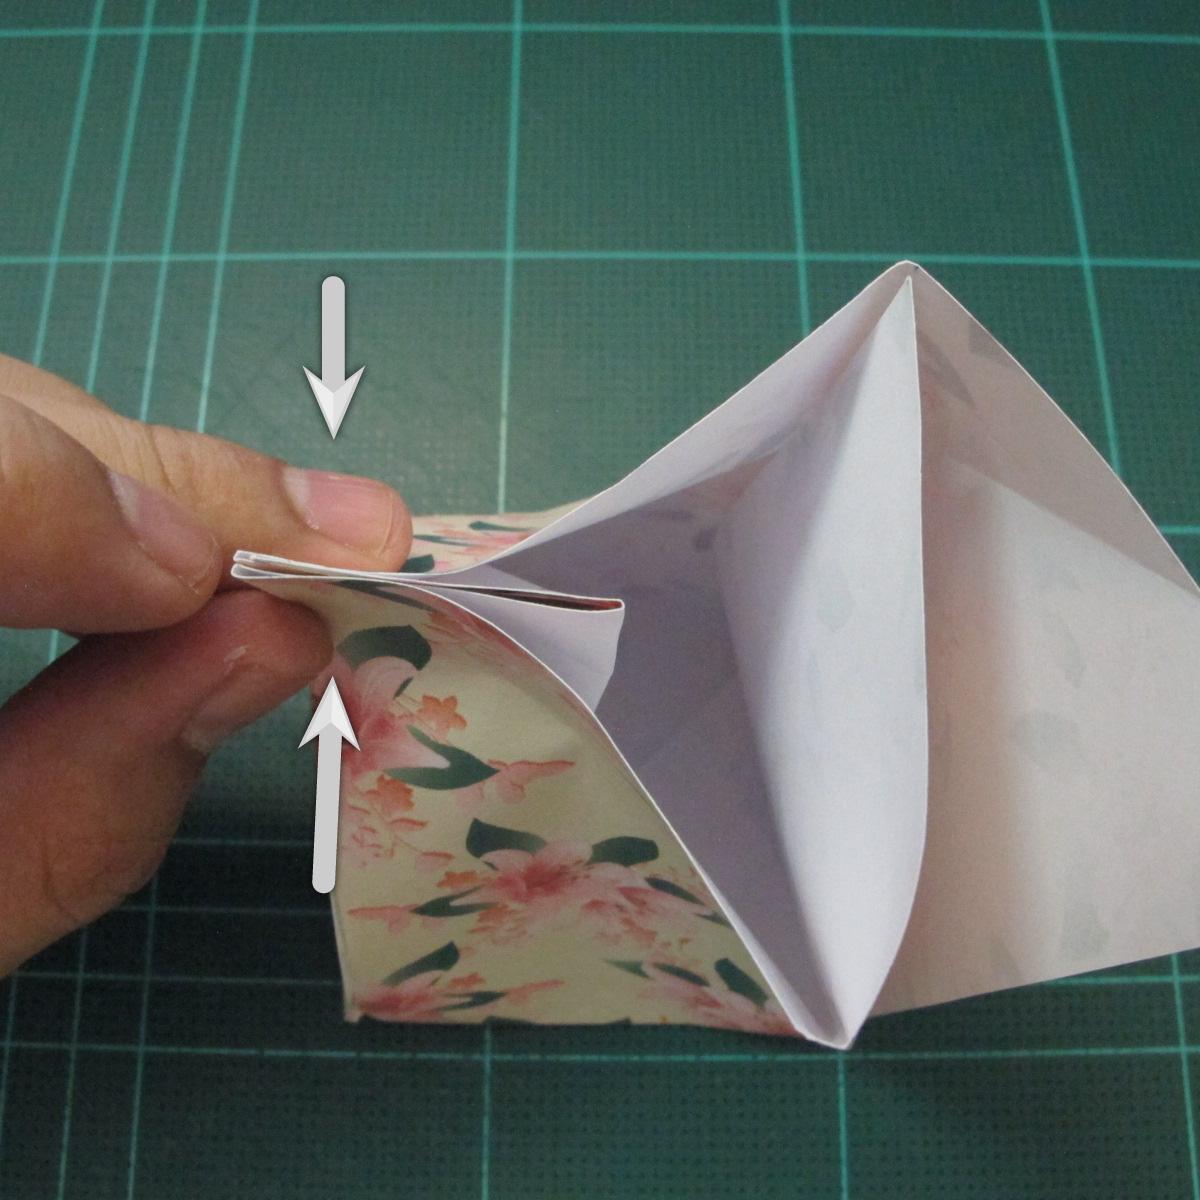 การพับกระดาษเป้นถุงของขวัญแบบไม่ใช้กาว (Origami Gift Bag) 011